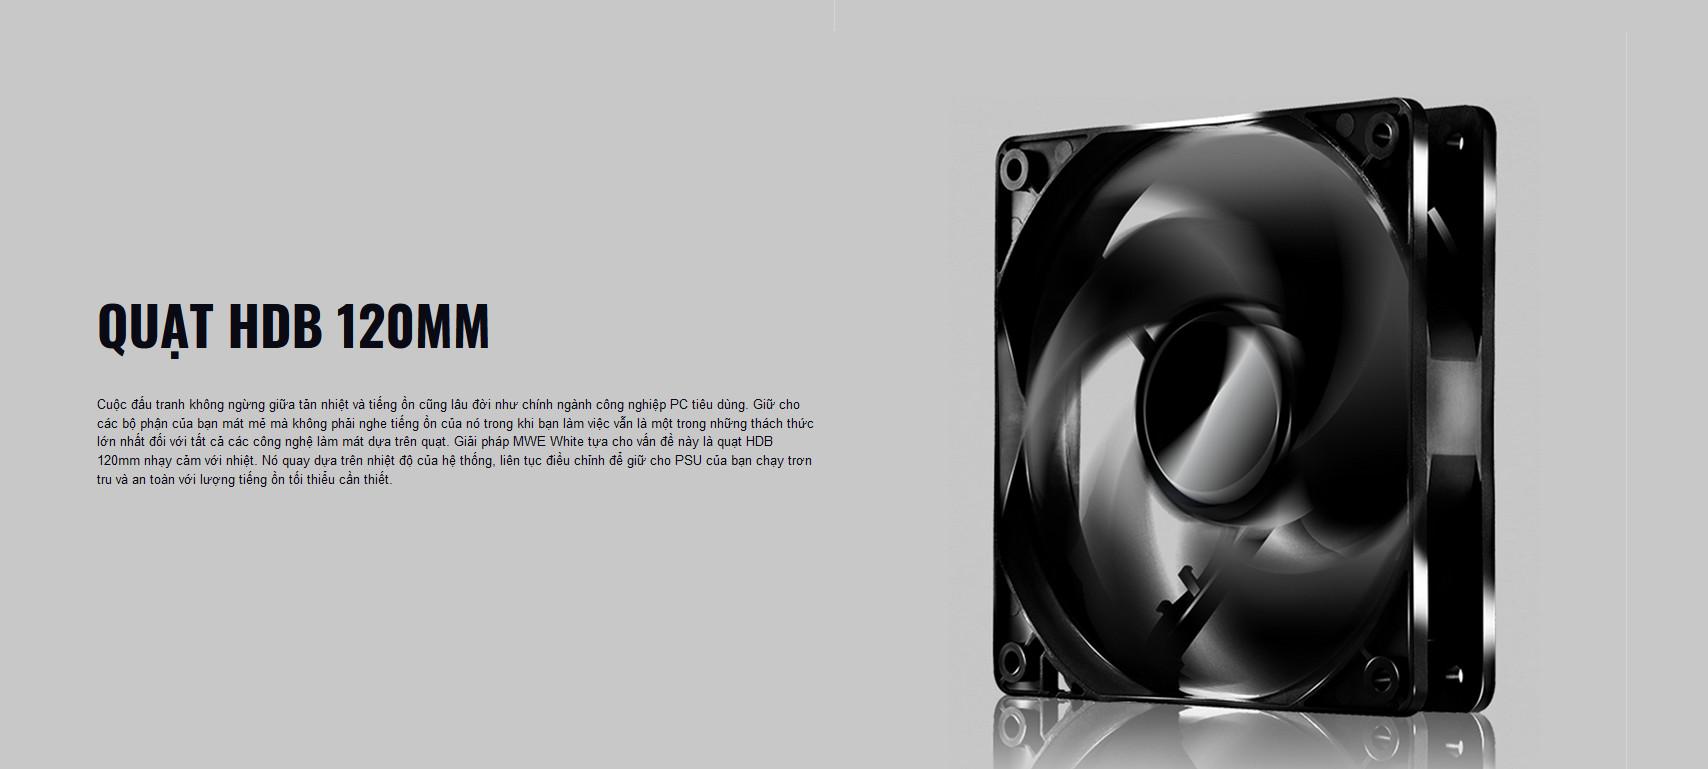 Nguồn máy tính Cooler Master MWE V2 230V 400 400W Plus Bronze (80 Plus Bronze/Màu Đen) giới thiệu quạt hdb 120